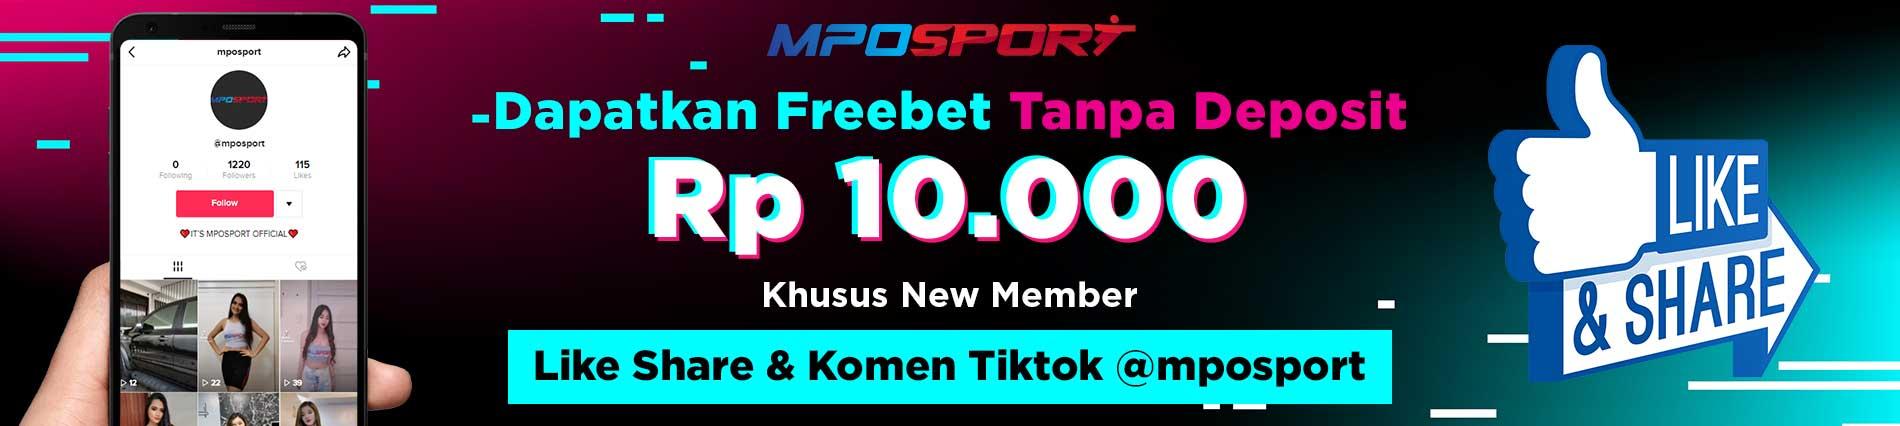 MPOSPORT FREEBET TANPA DEPOSIT RP 10.000